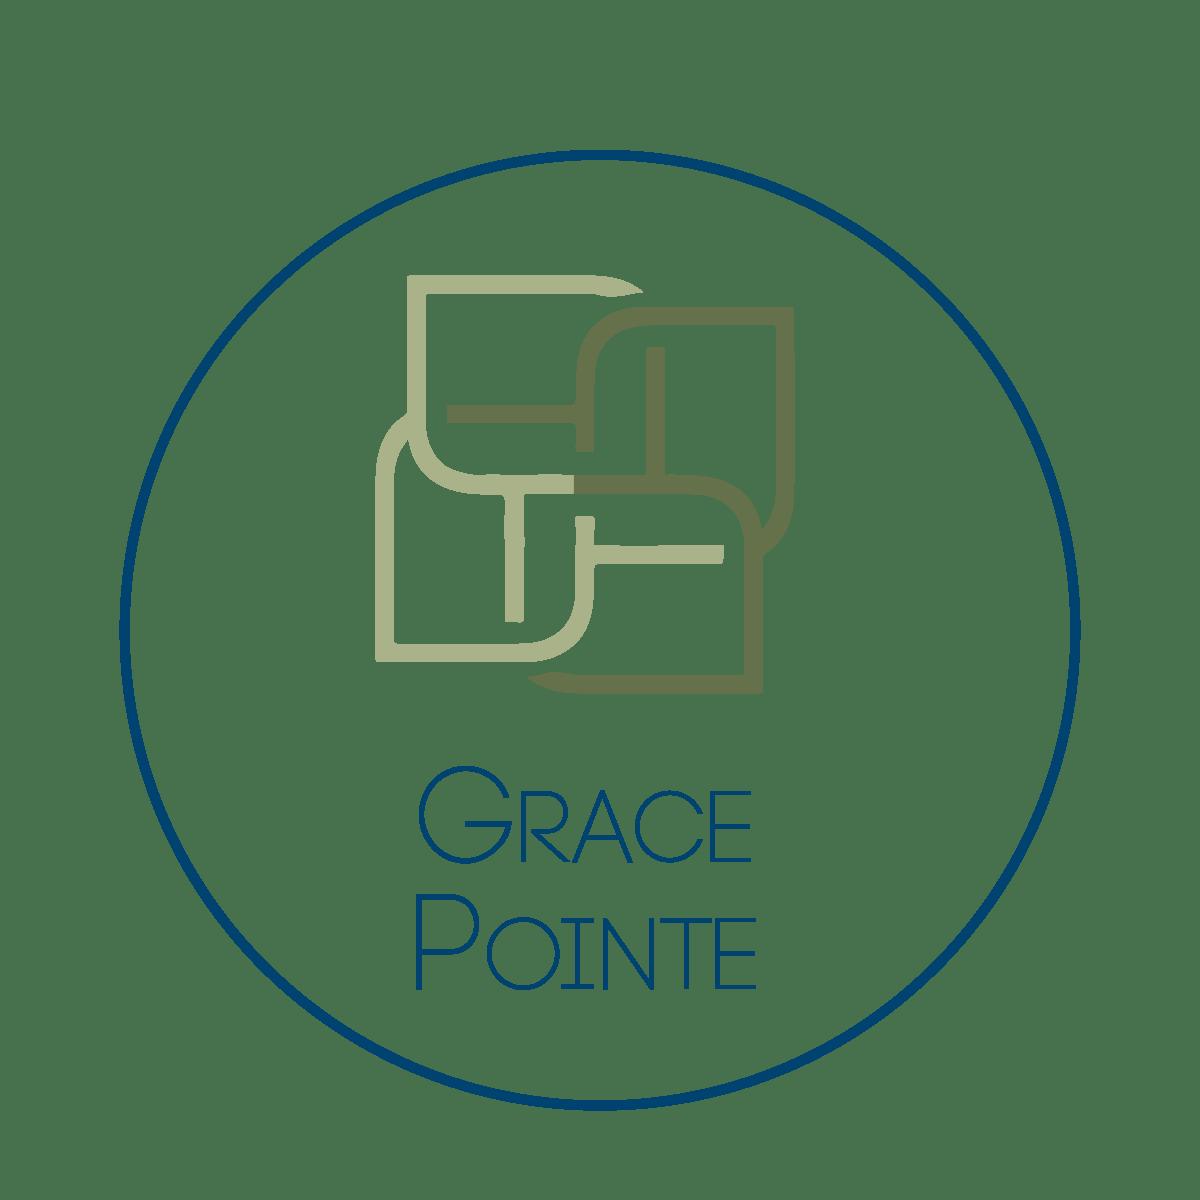 Grace Pointe